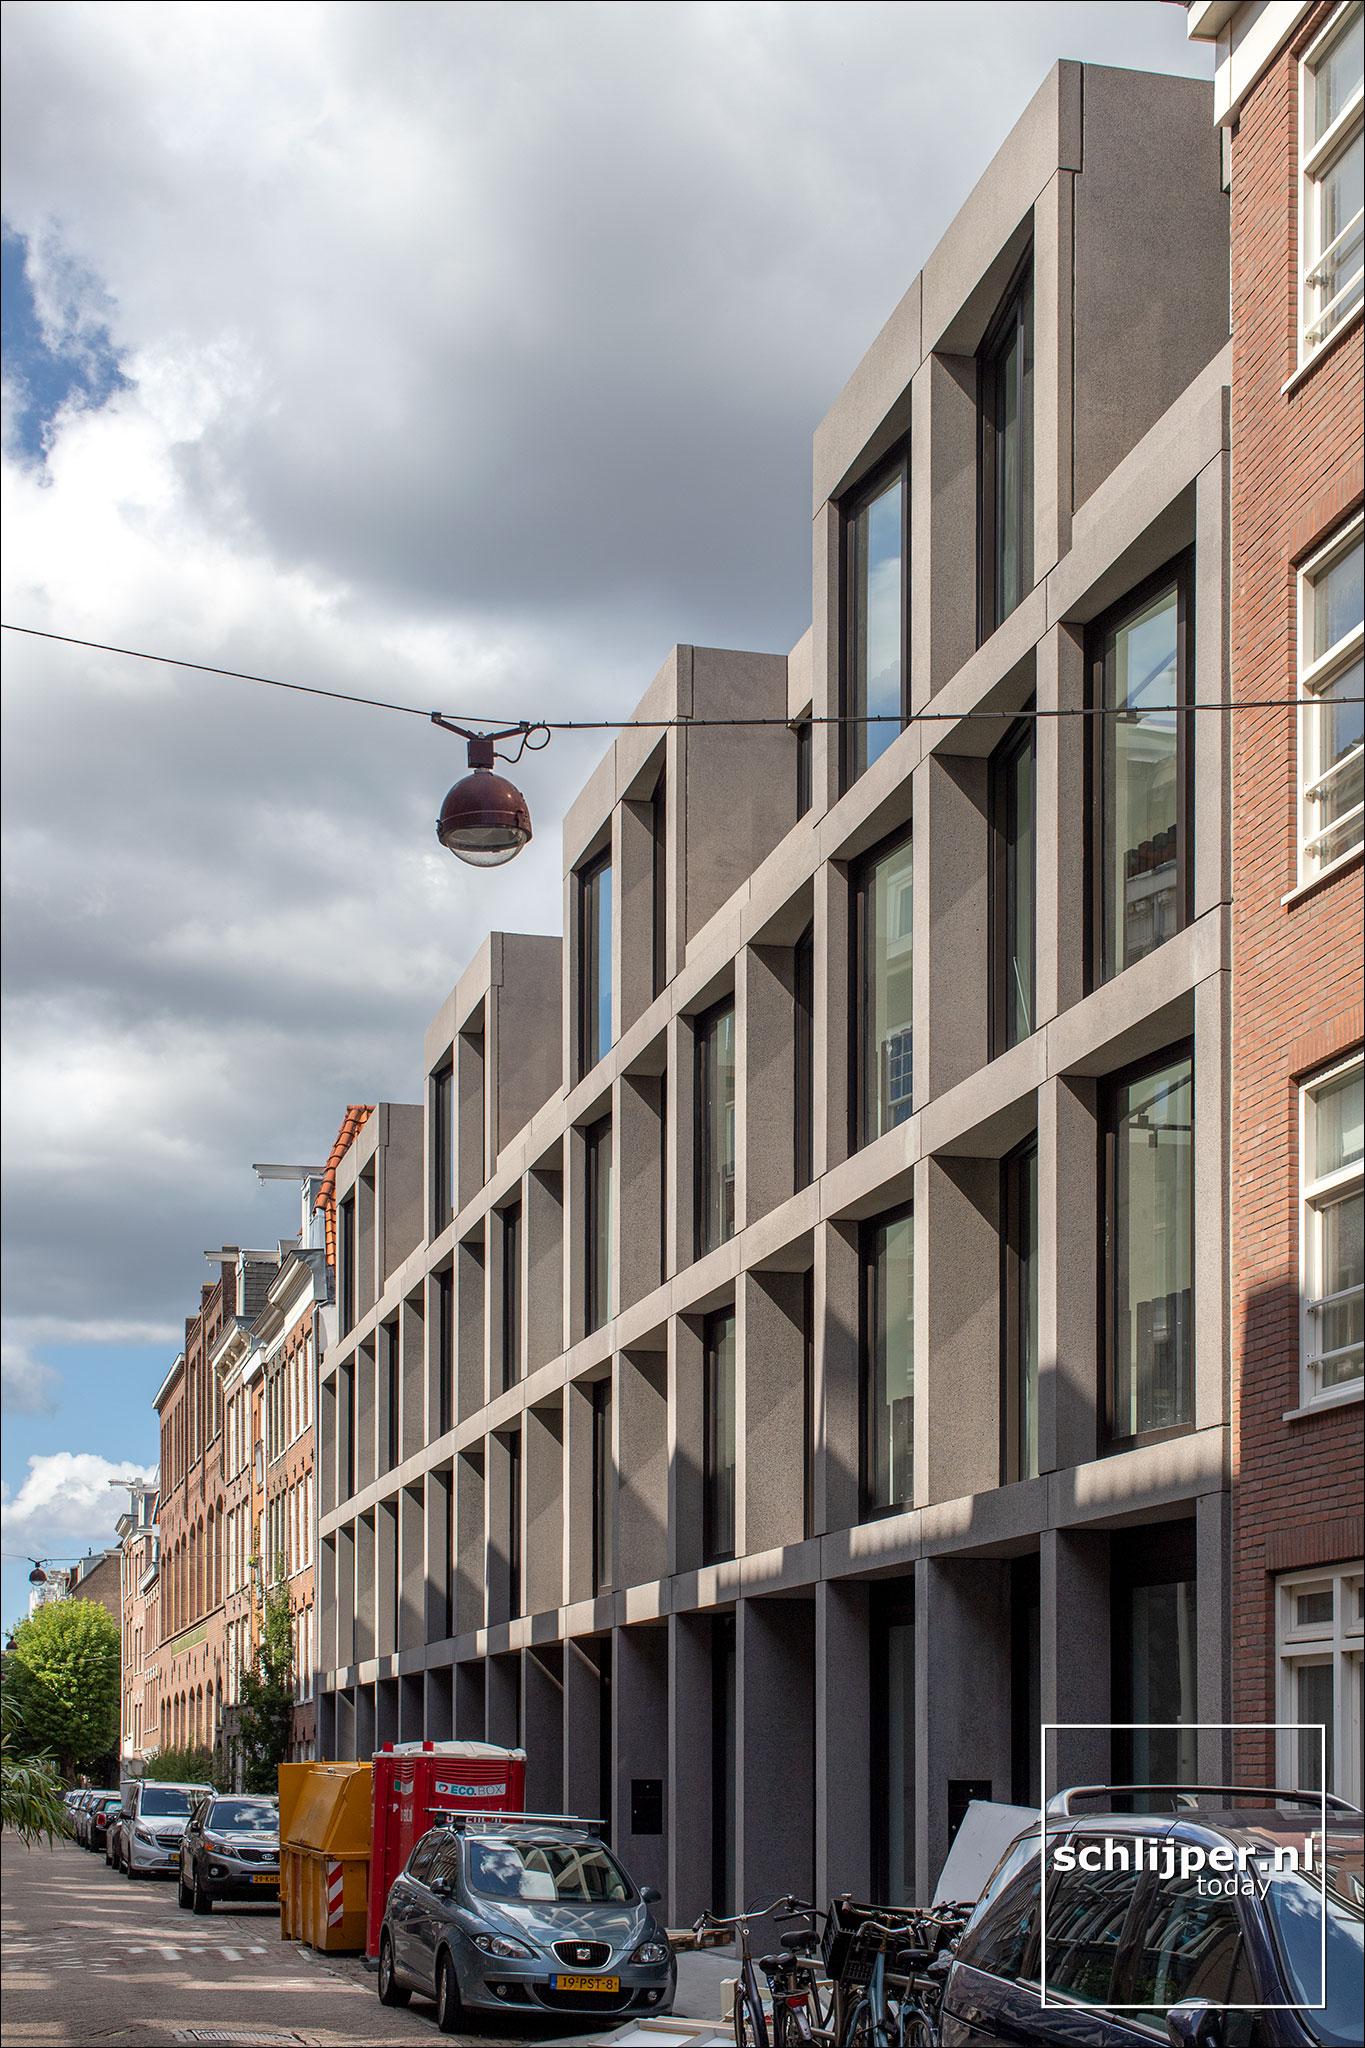 Nederland, Amsterdam, 2 september 2019